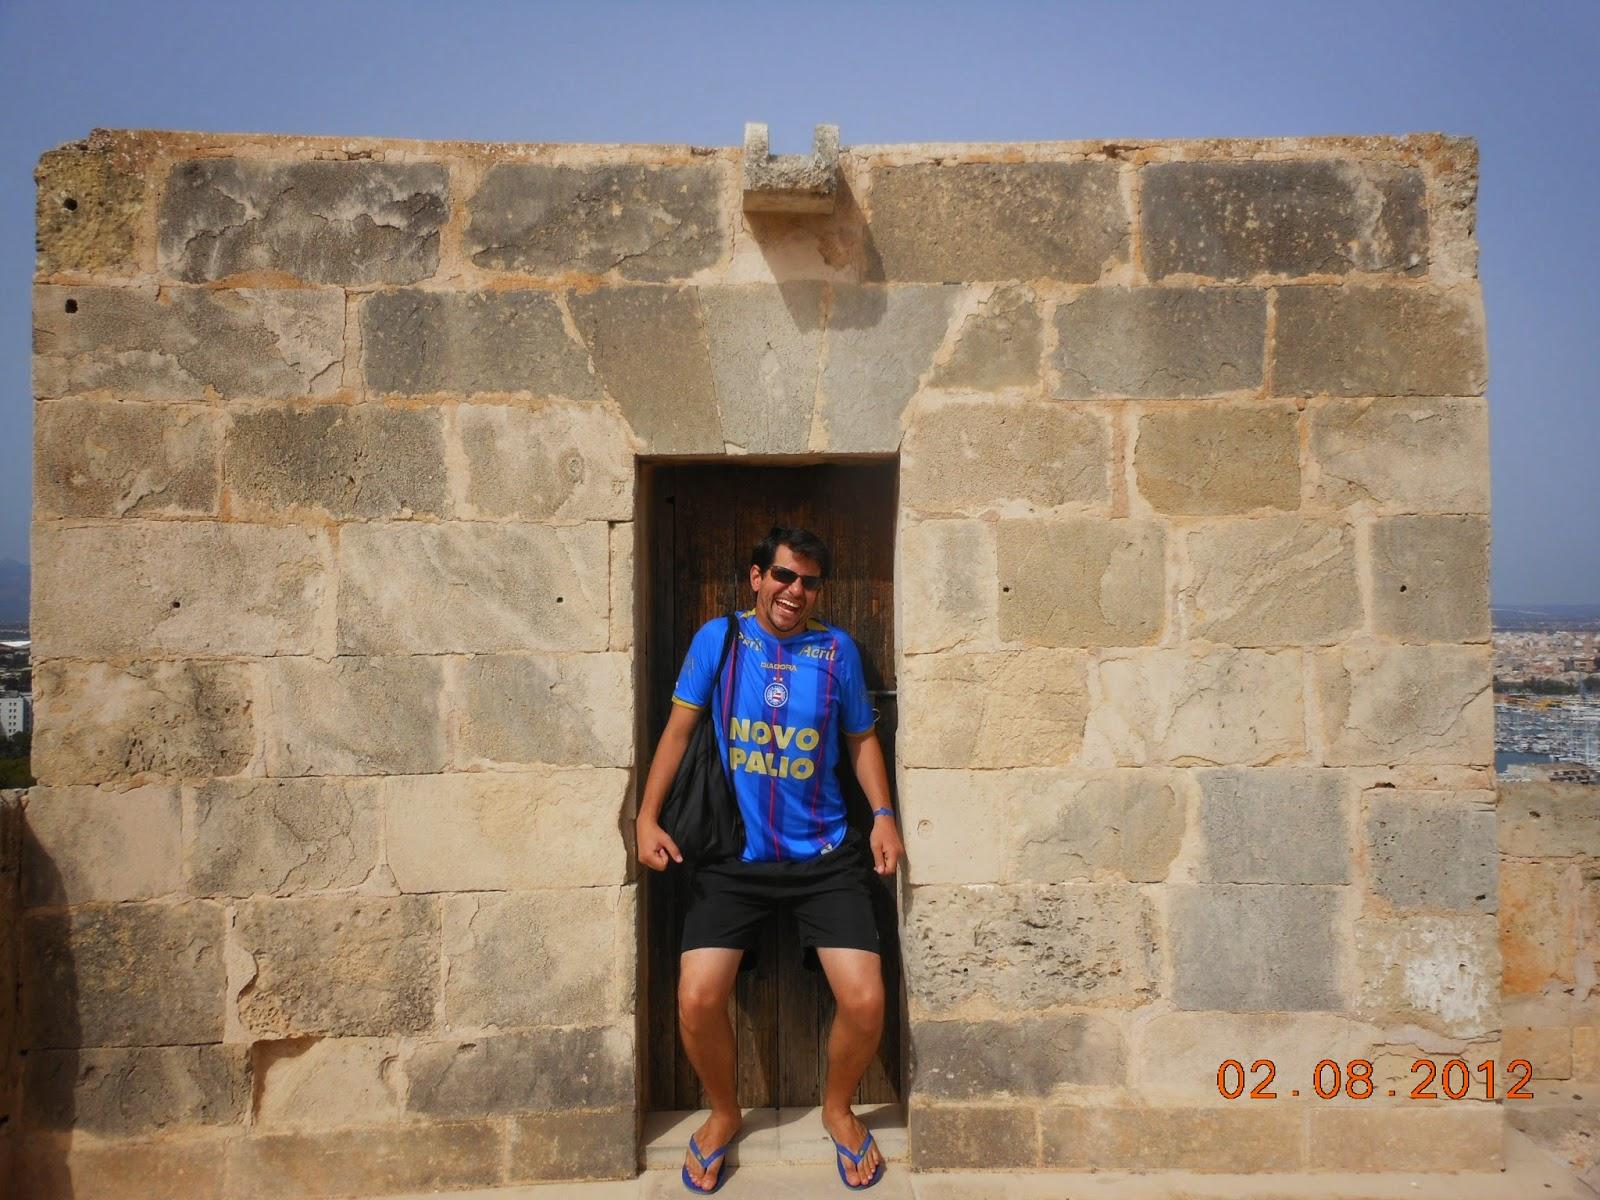 As pessoas eram pequenas antigamente - Castelo Bellver - Palma de Maiorca